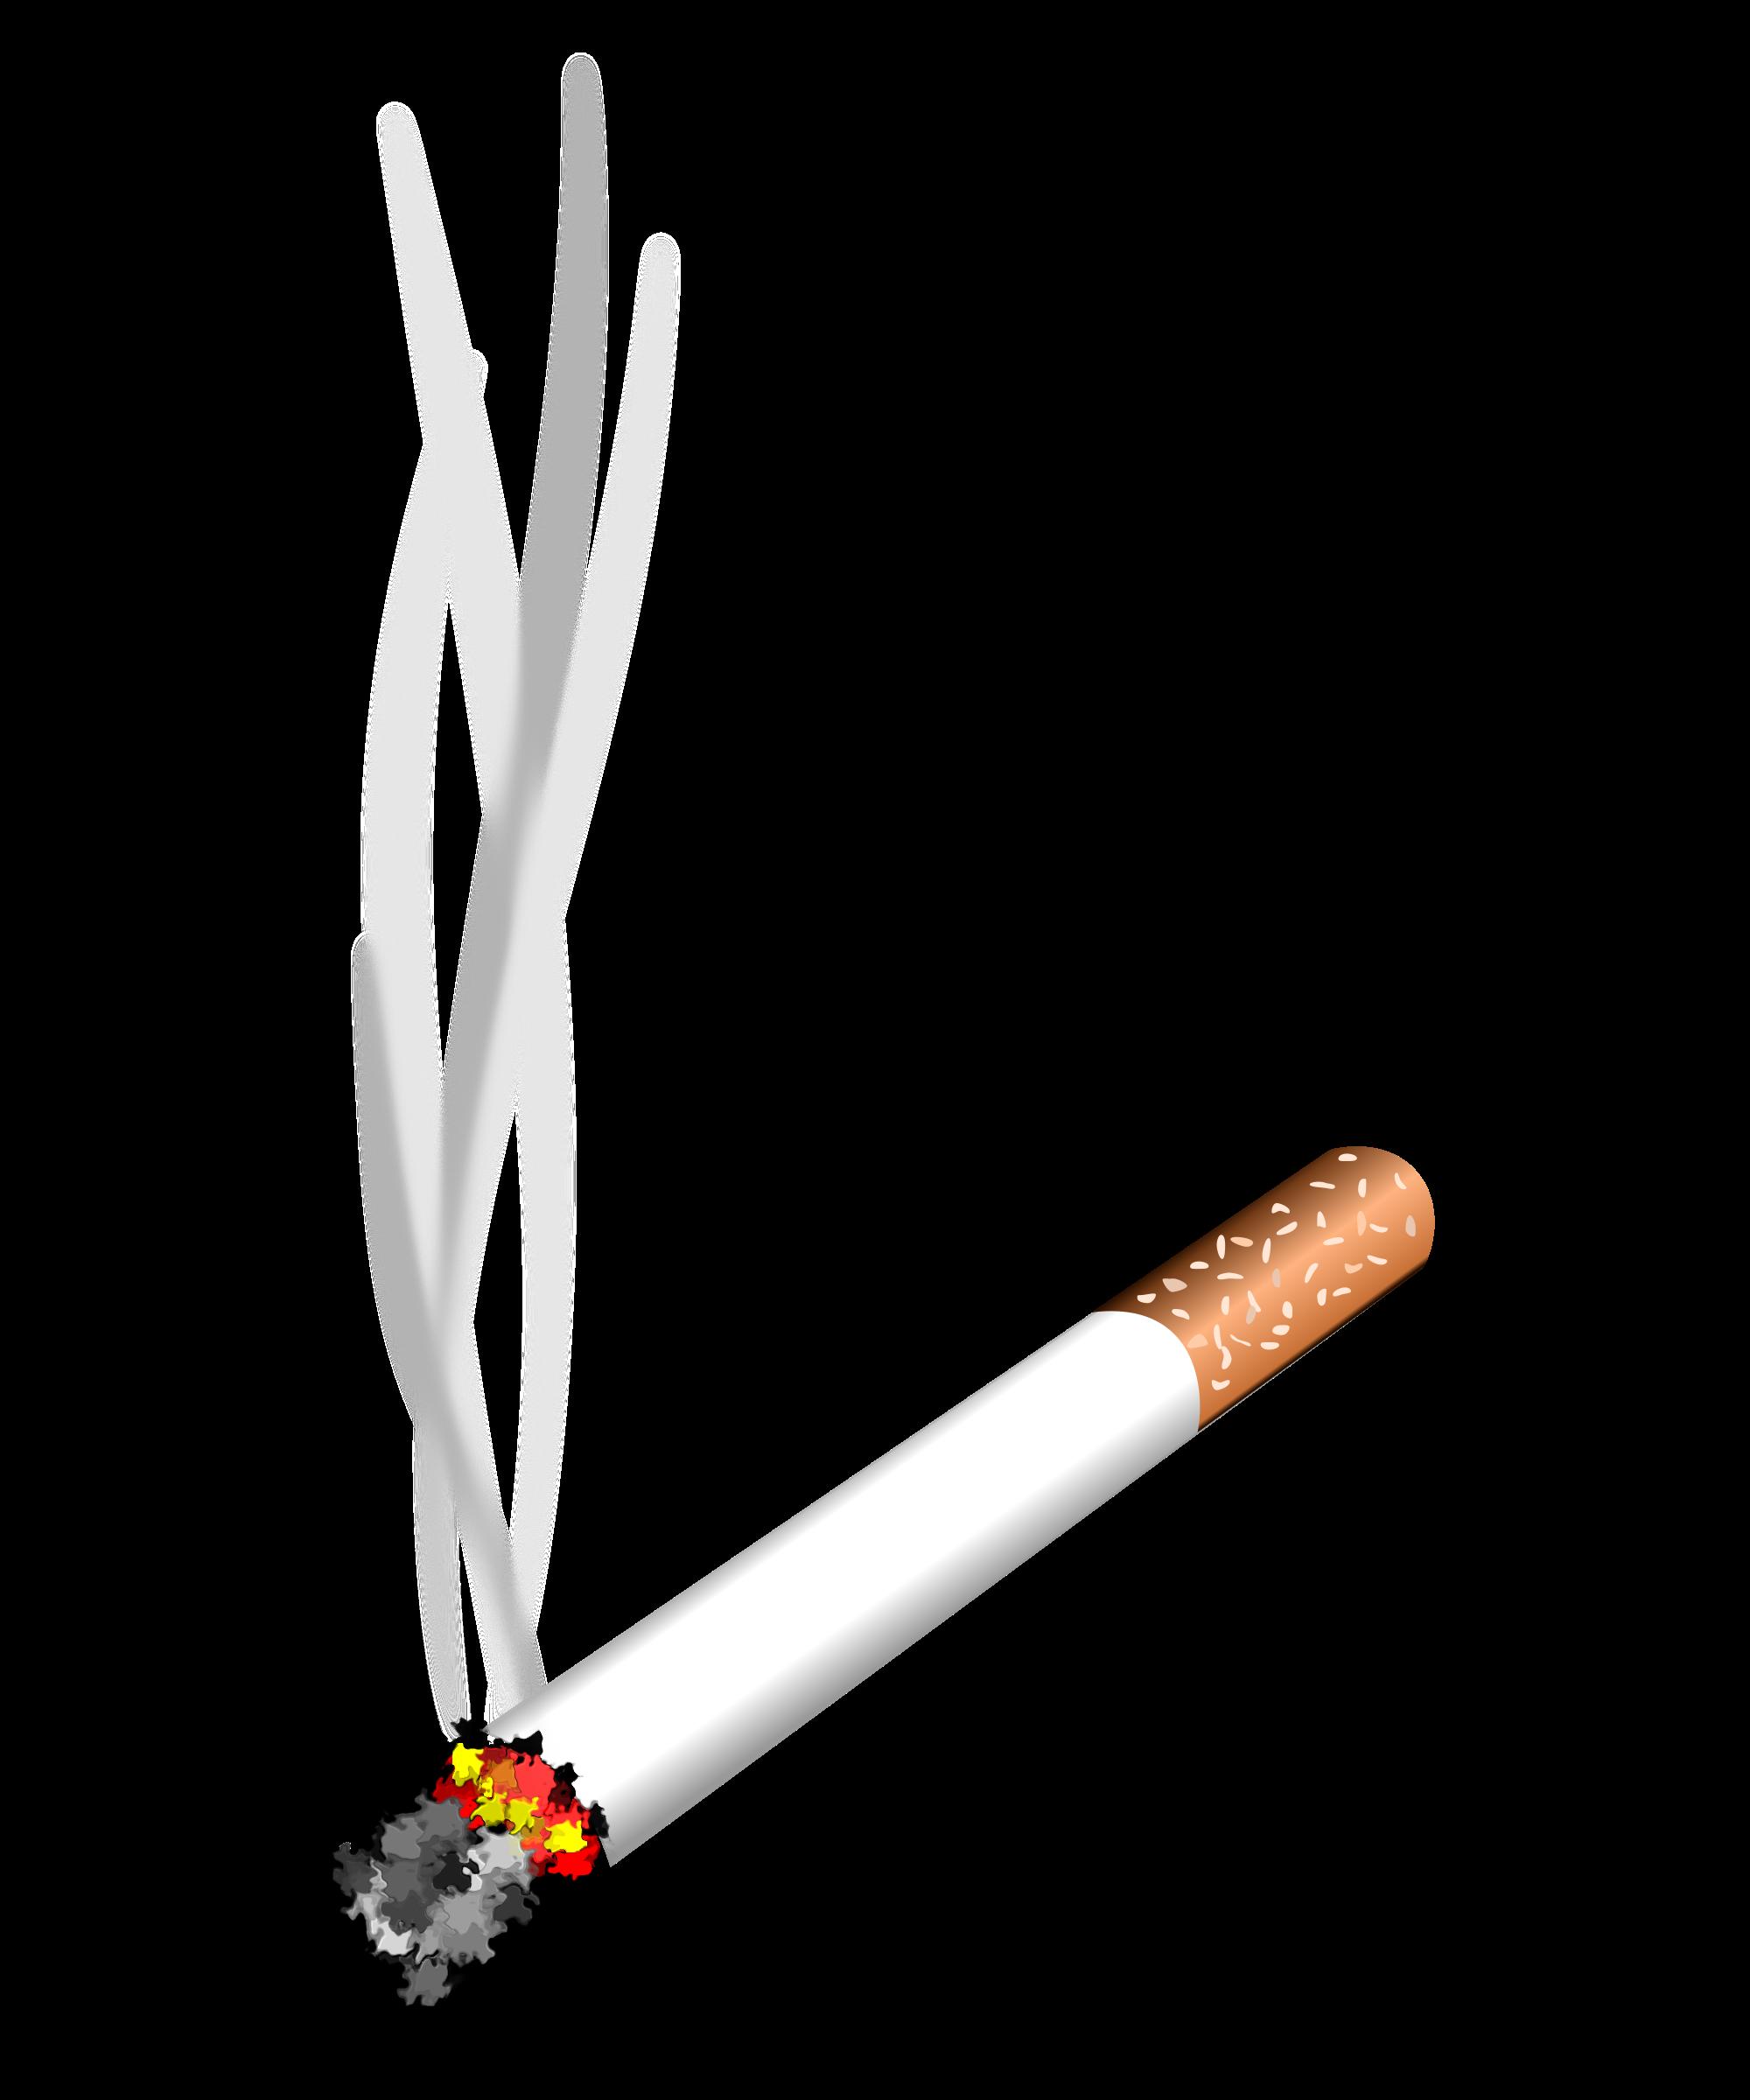 clip library download transparent cigarette lit #116665805